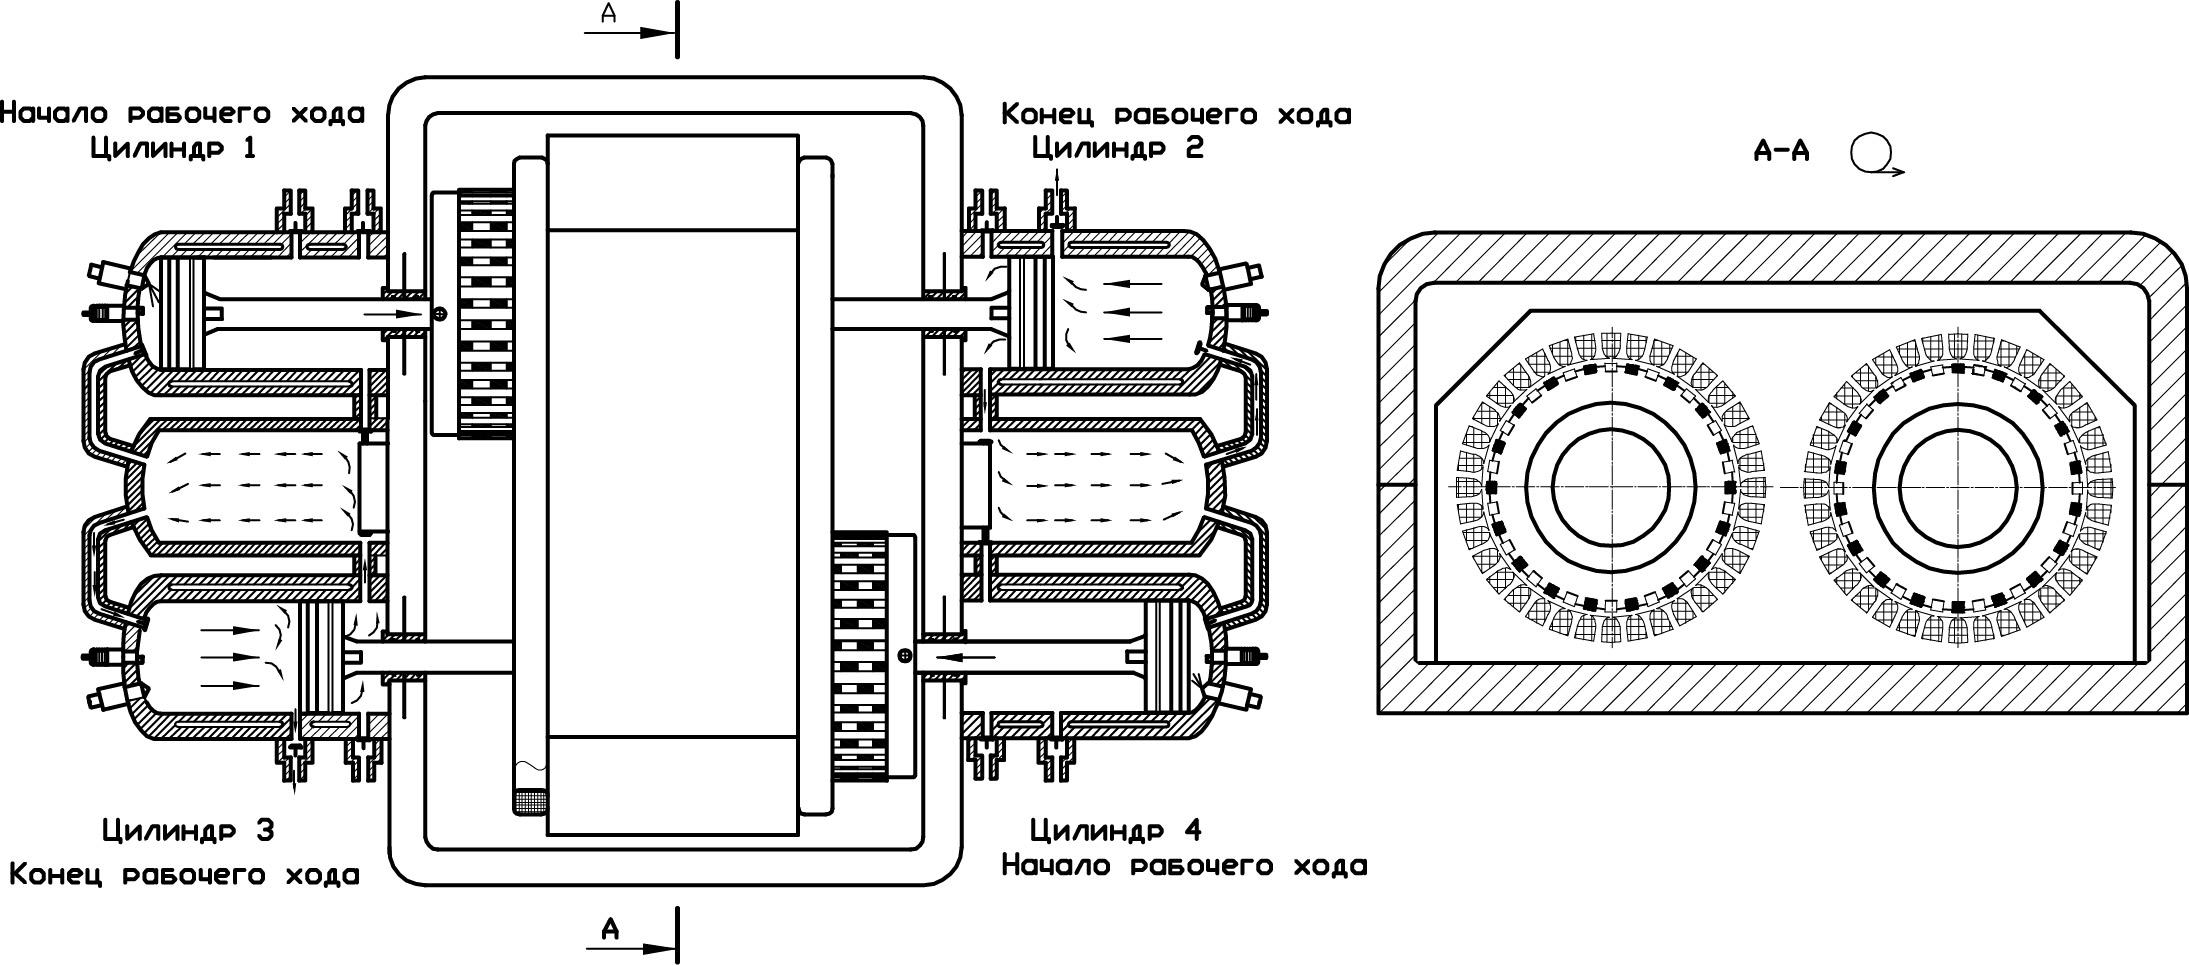 Двухтактный четырехцилиндровый оппозитный ДВС с двумя ресиверами и двумя генераторами